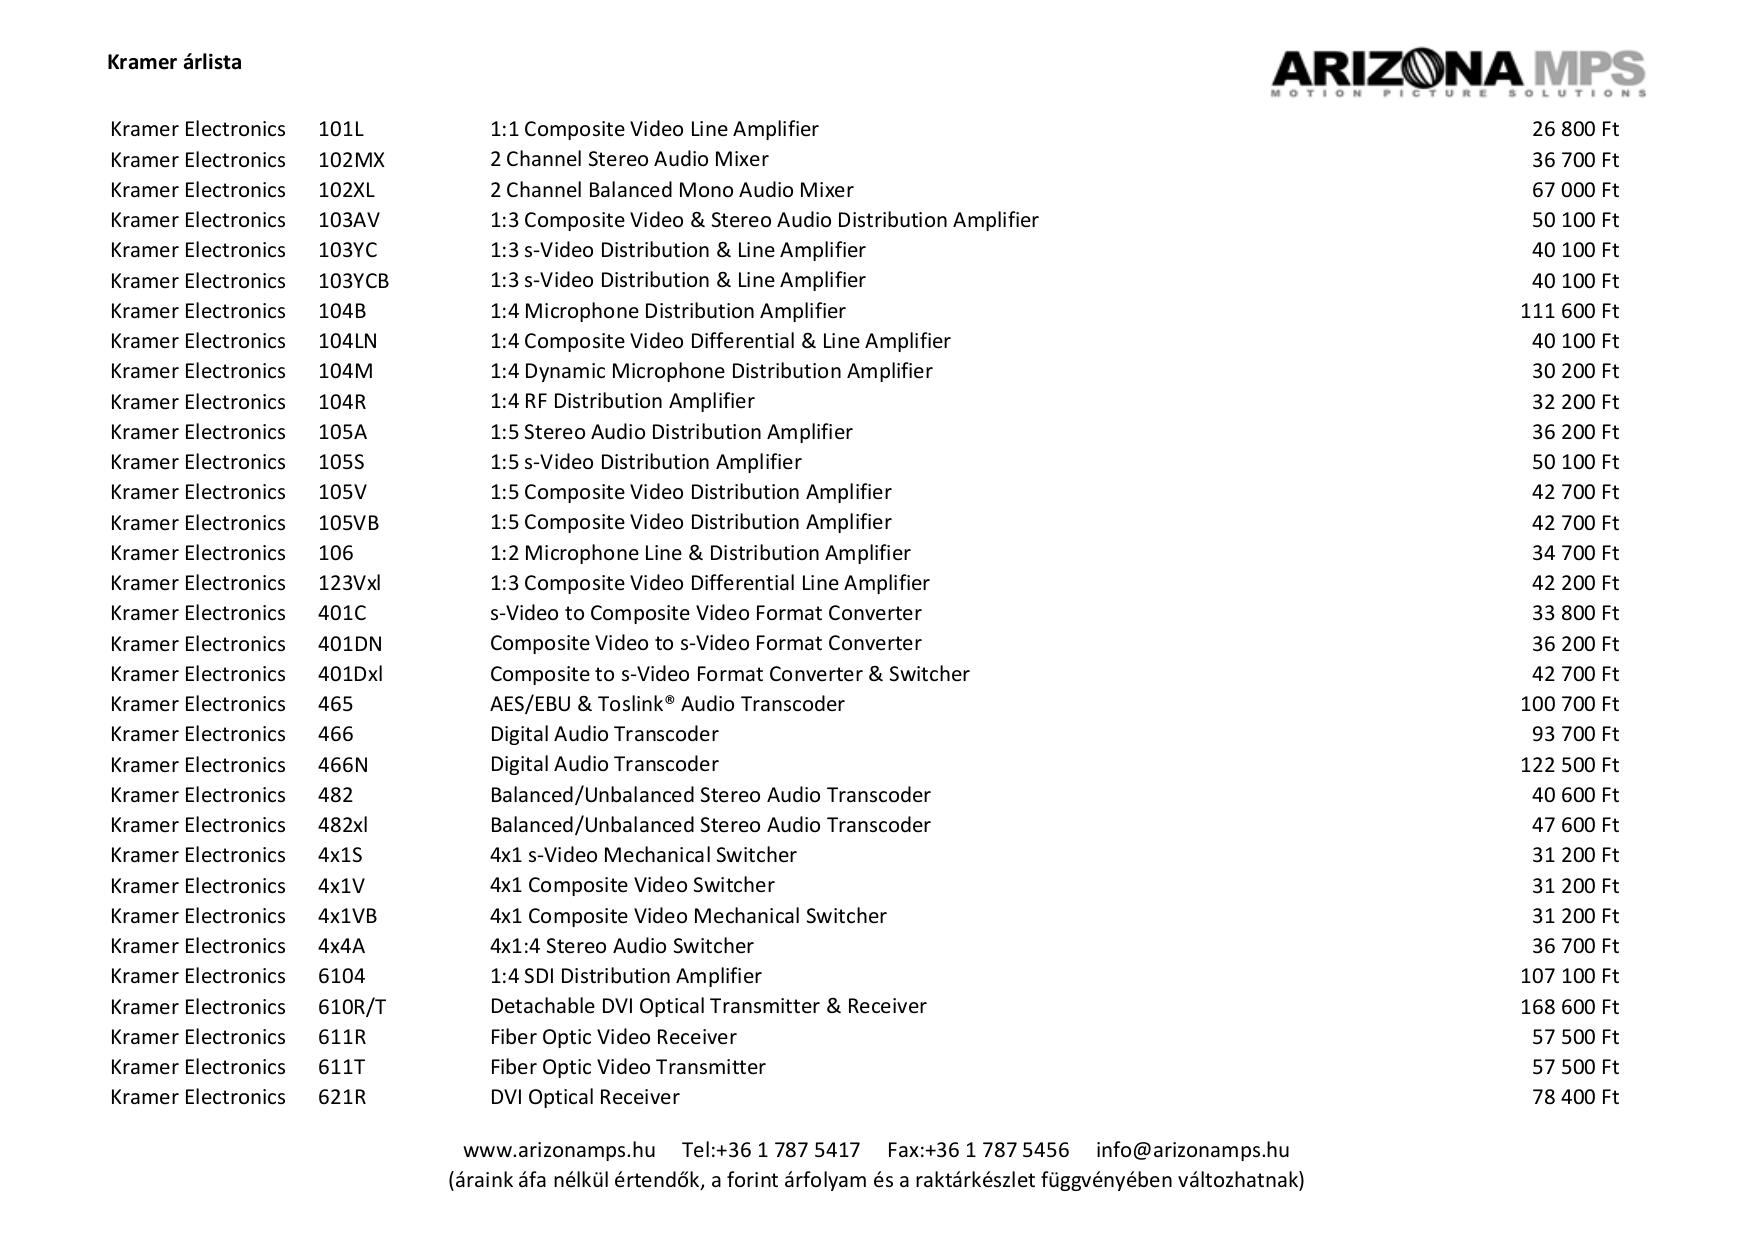 pdf for Kramer Other VP-450 Distribution Amplifiers manual